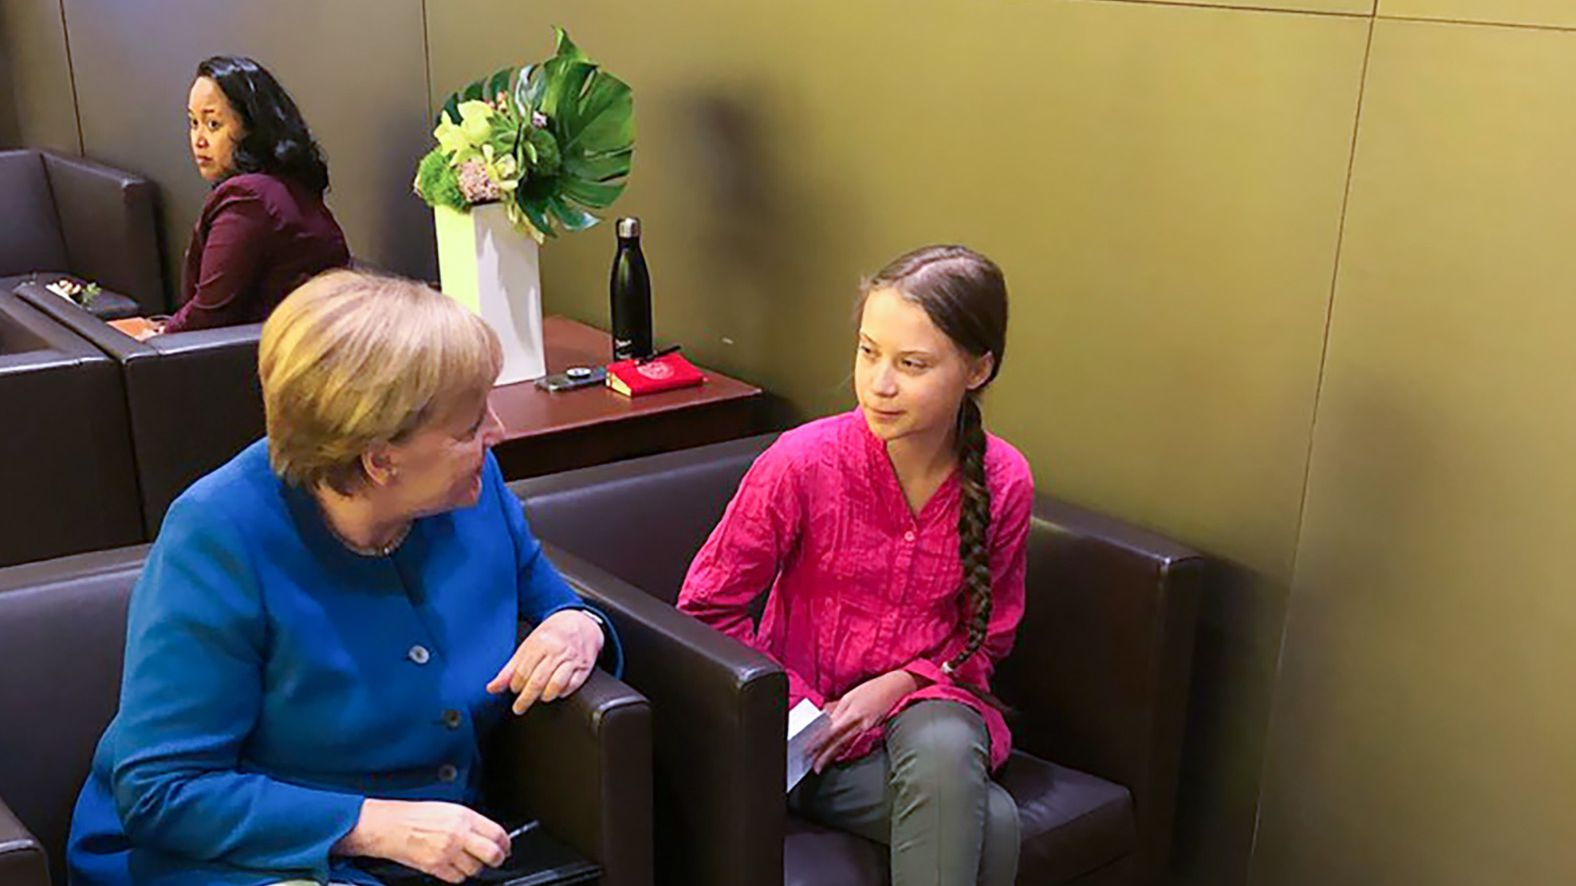 Bundeskanzlerin Angela Merkel (CDU) trifft sich am Rande des UN-Klimagipfels mit der Klimaaktivistin Greta Thunberg.